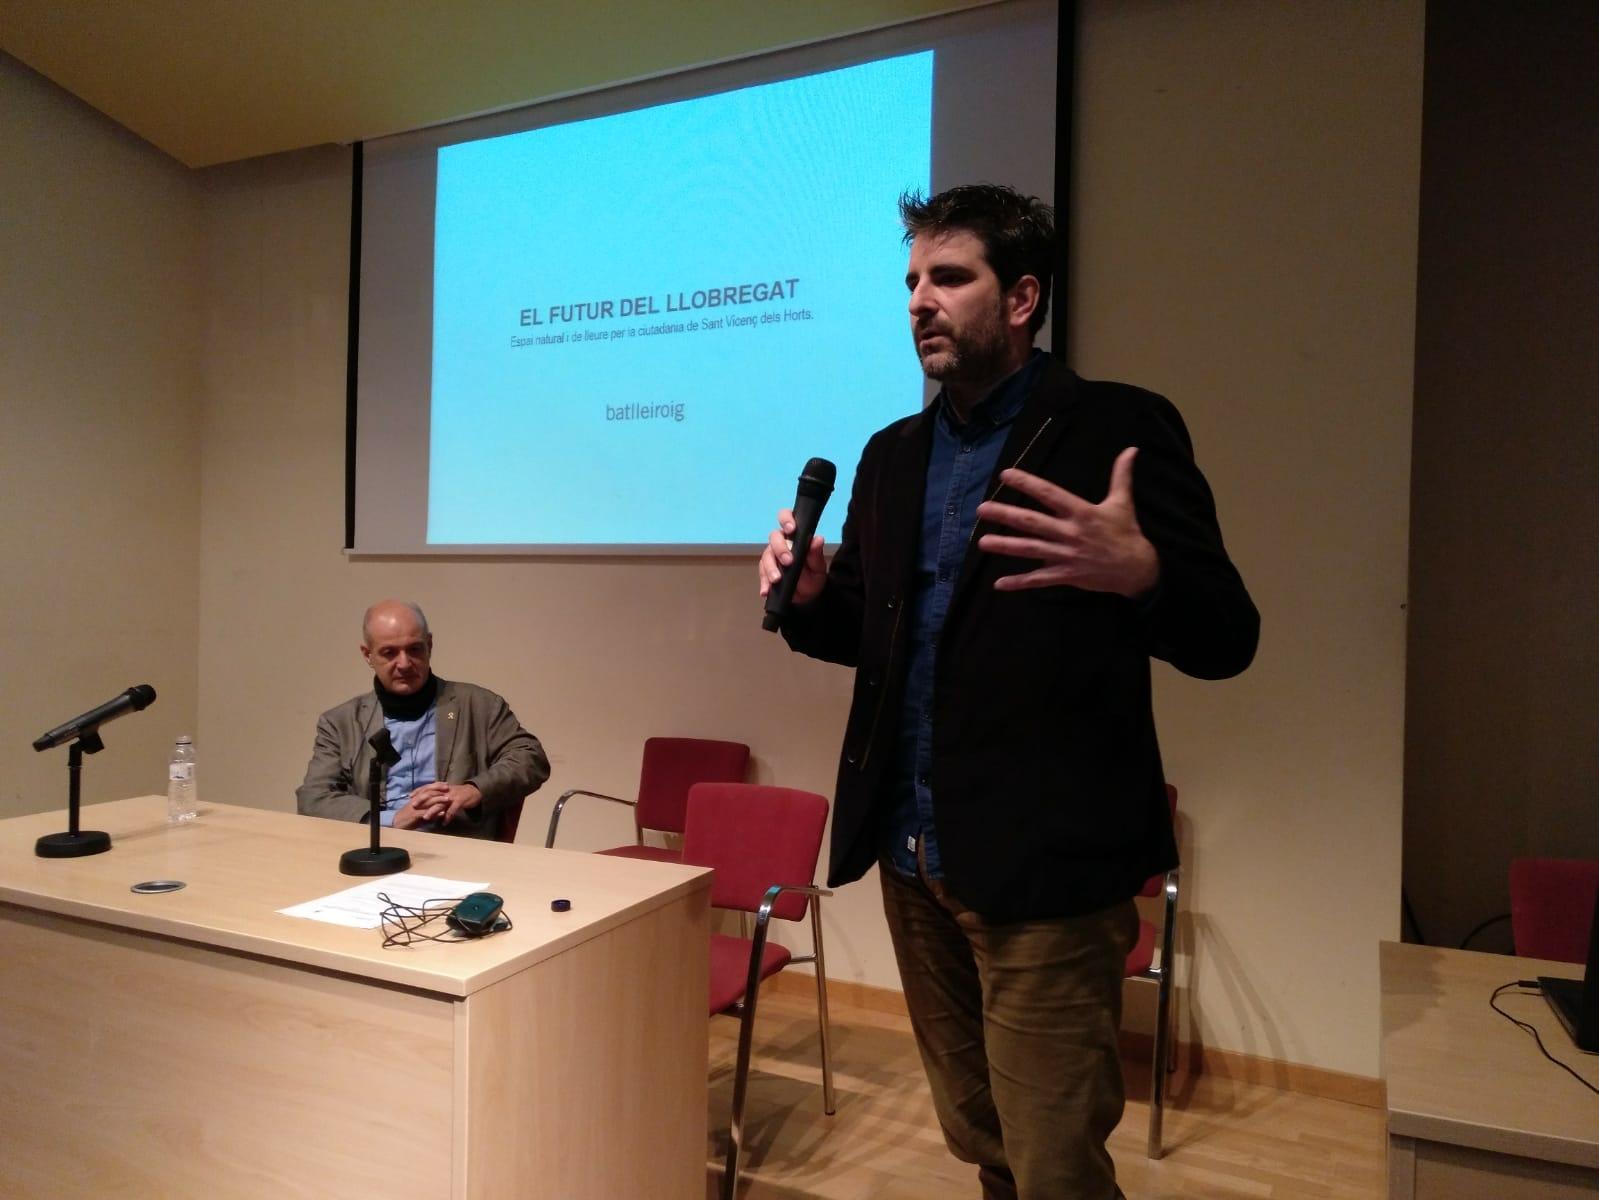 Intervención de Mario Sunyer, Estudi Batlle i Roig